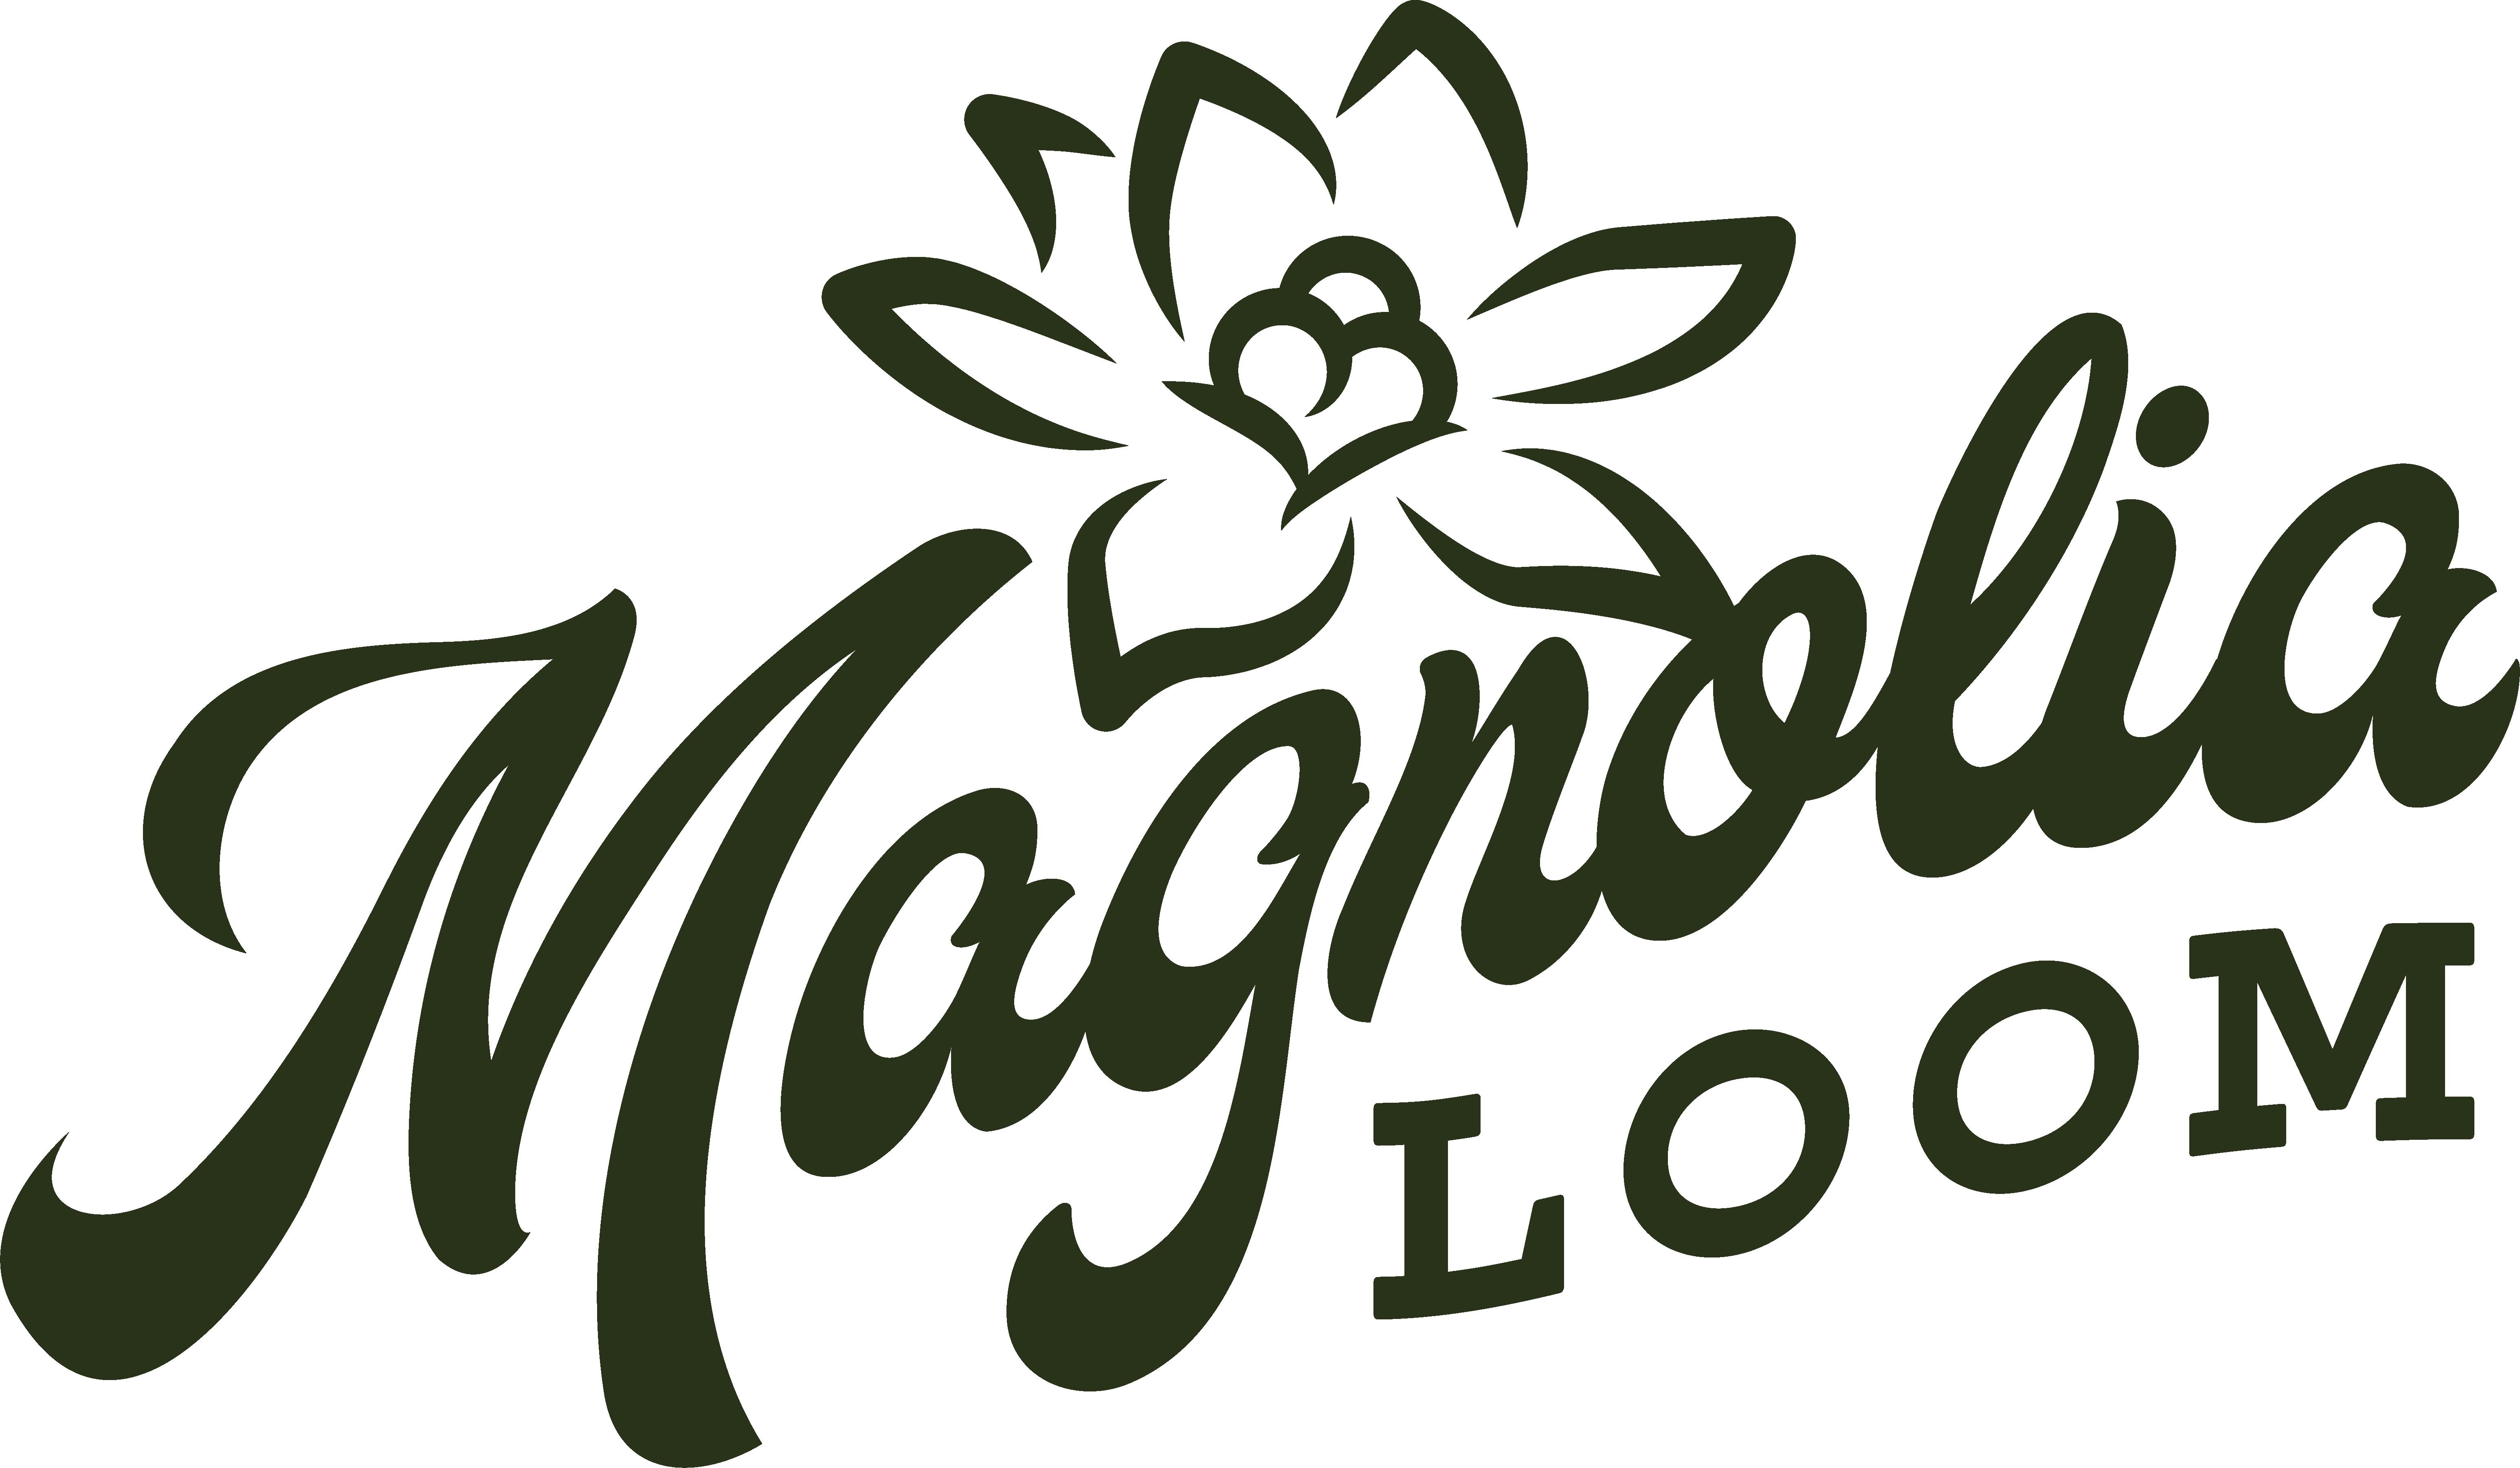 Magnolia Loom